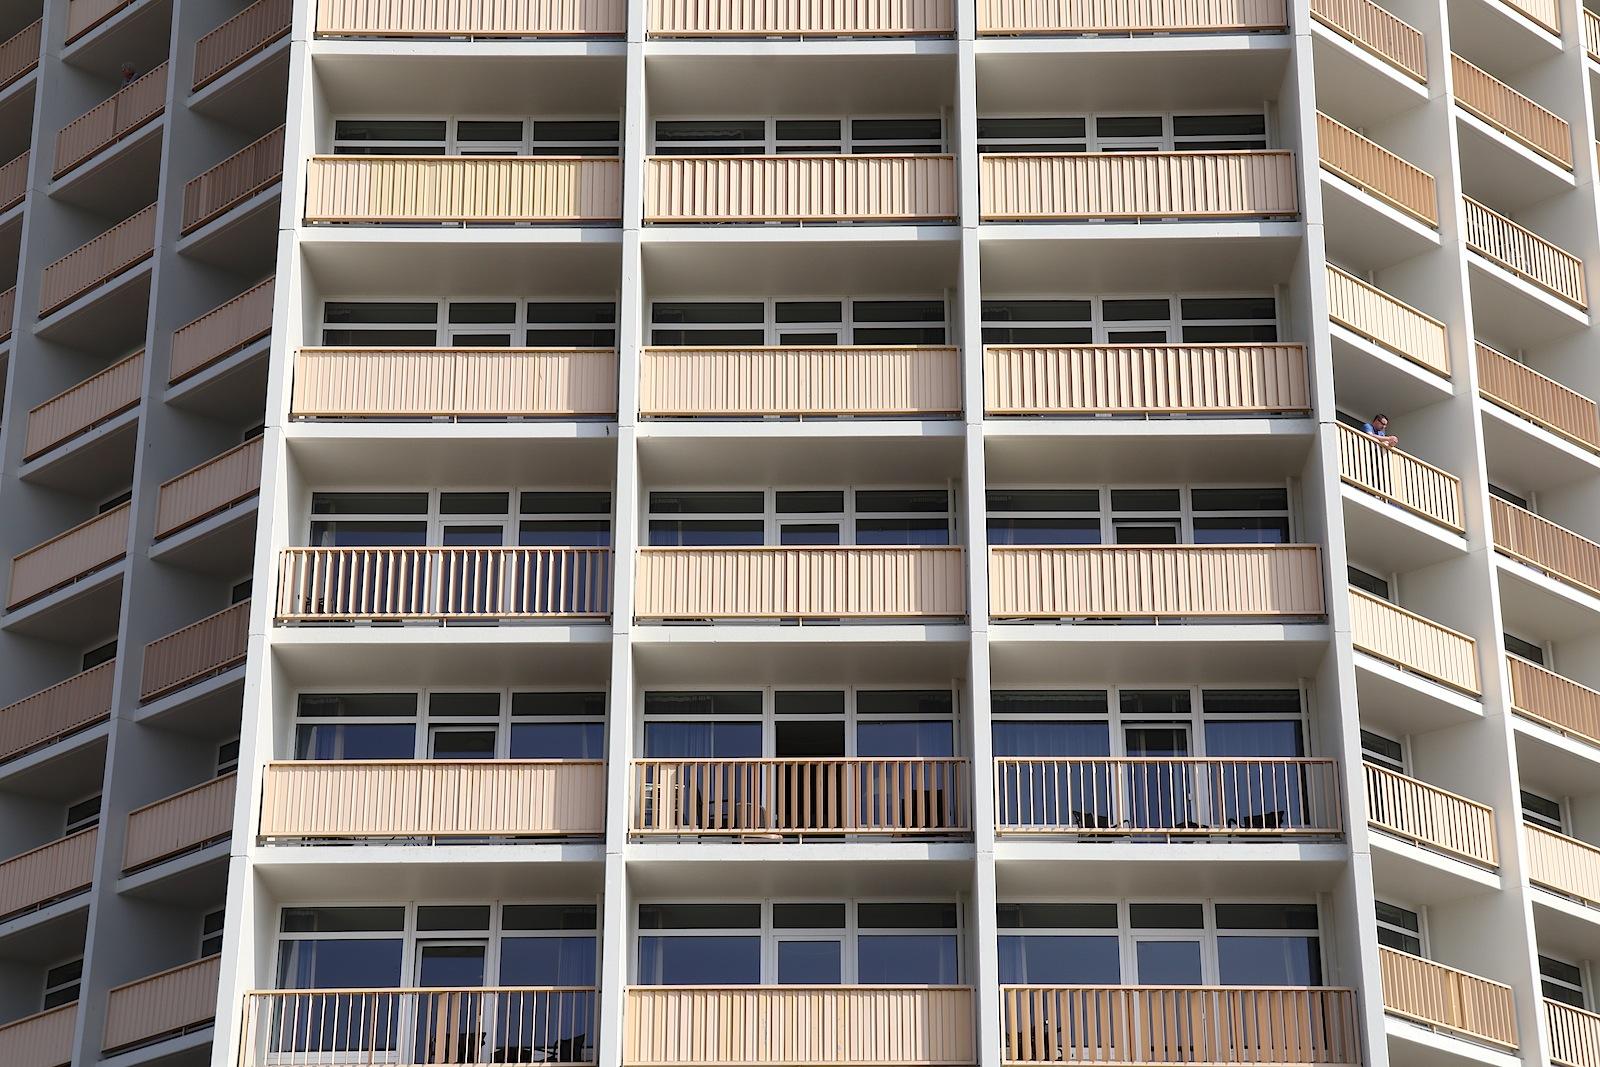 Fassadenspiel. des IFA-Fernblickhauses Berlin. Pro Etage gibt es jeweils neun Zimmer, die alle Meerblick haben. Besonderes Merkmal: die manuell verstellbaren Lamellen der Balkone.